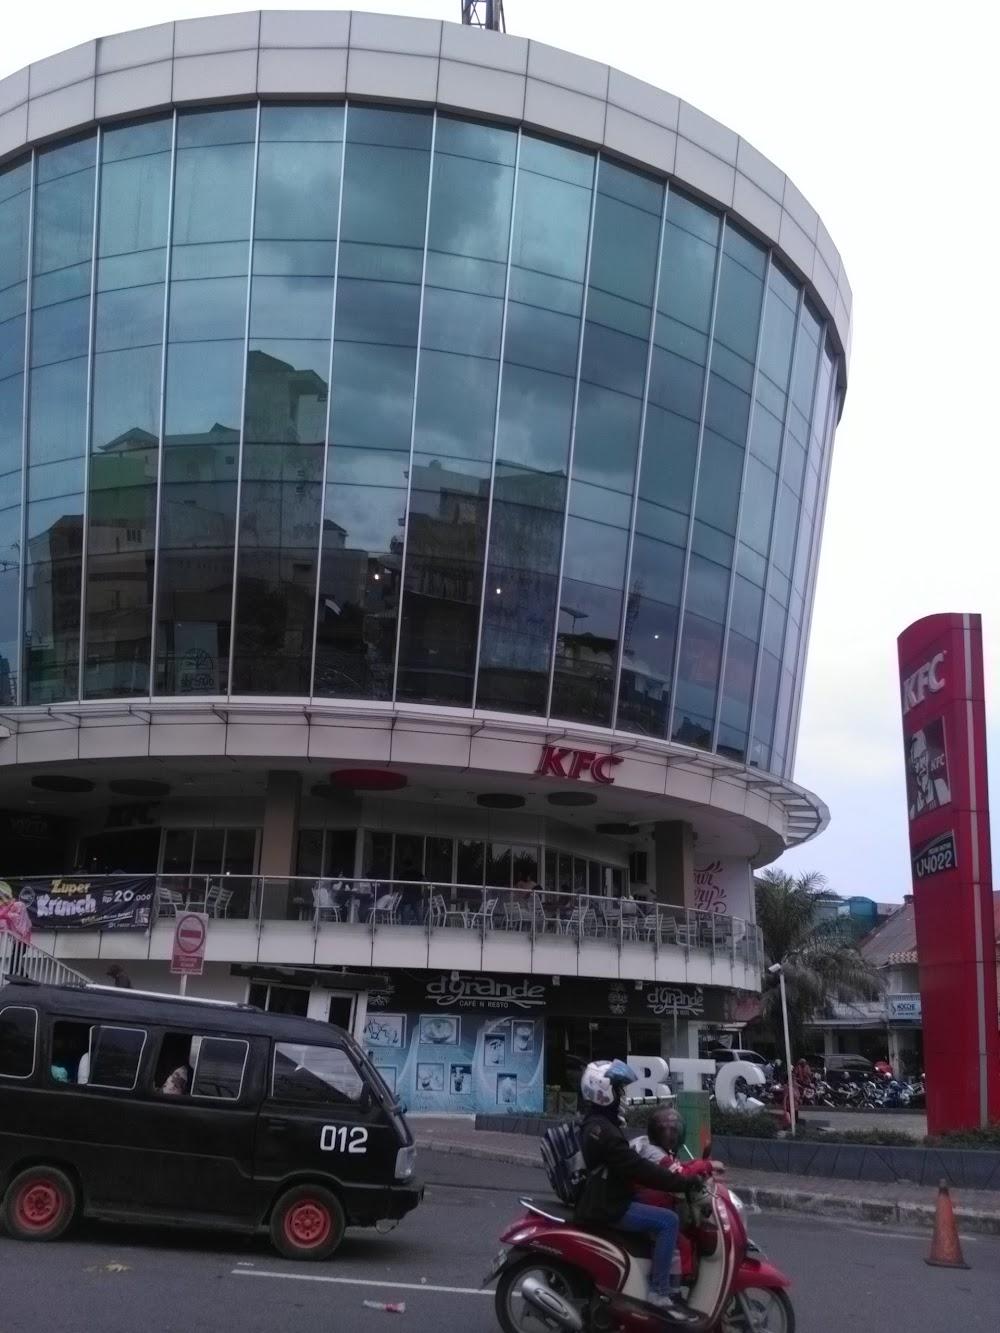 btc bangka trade center)